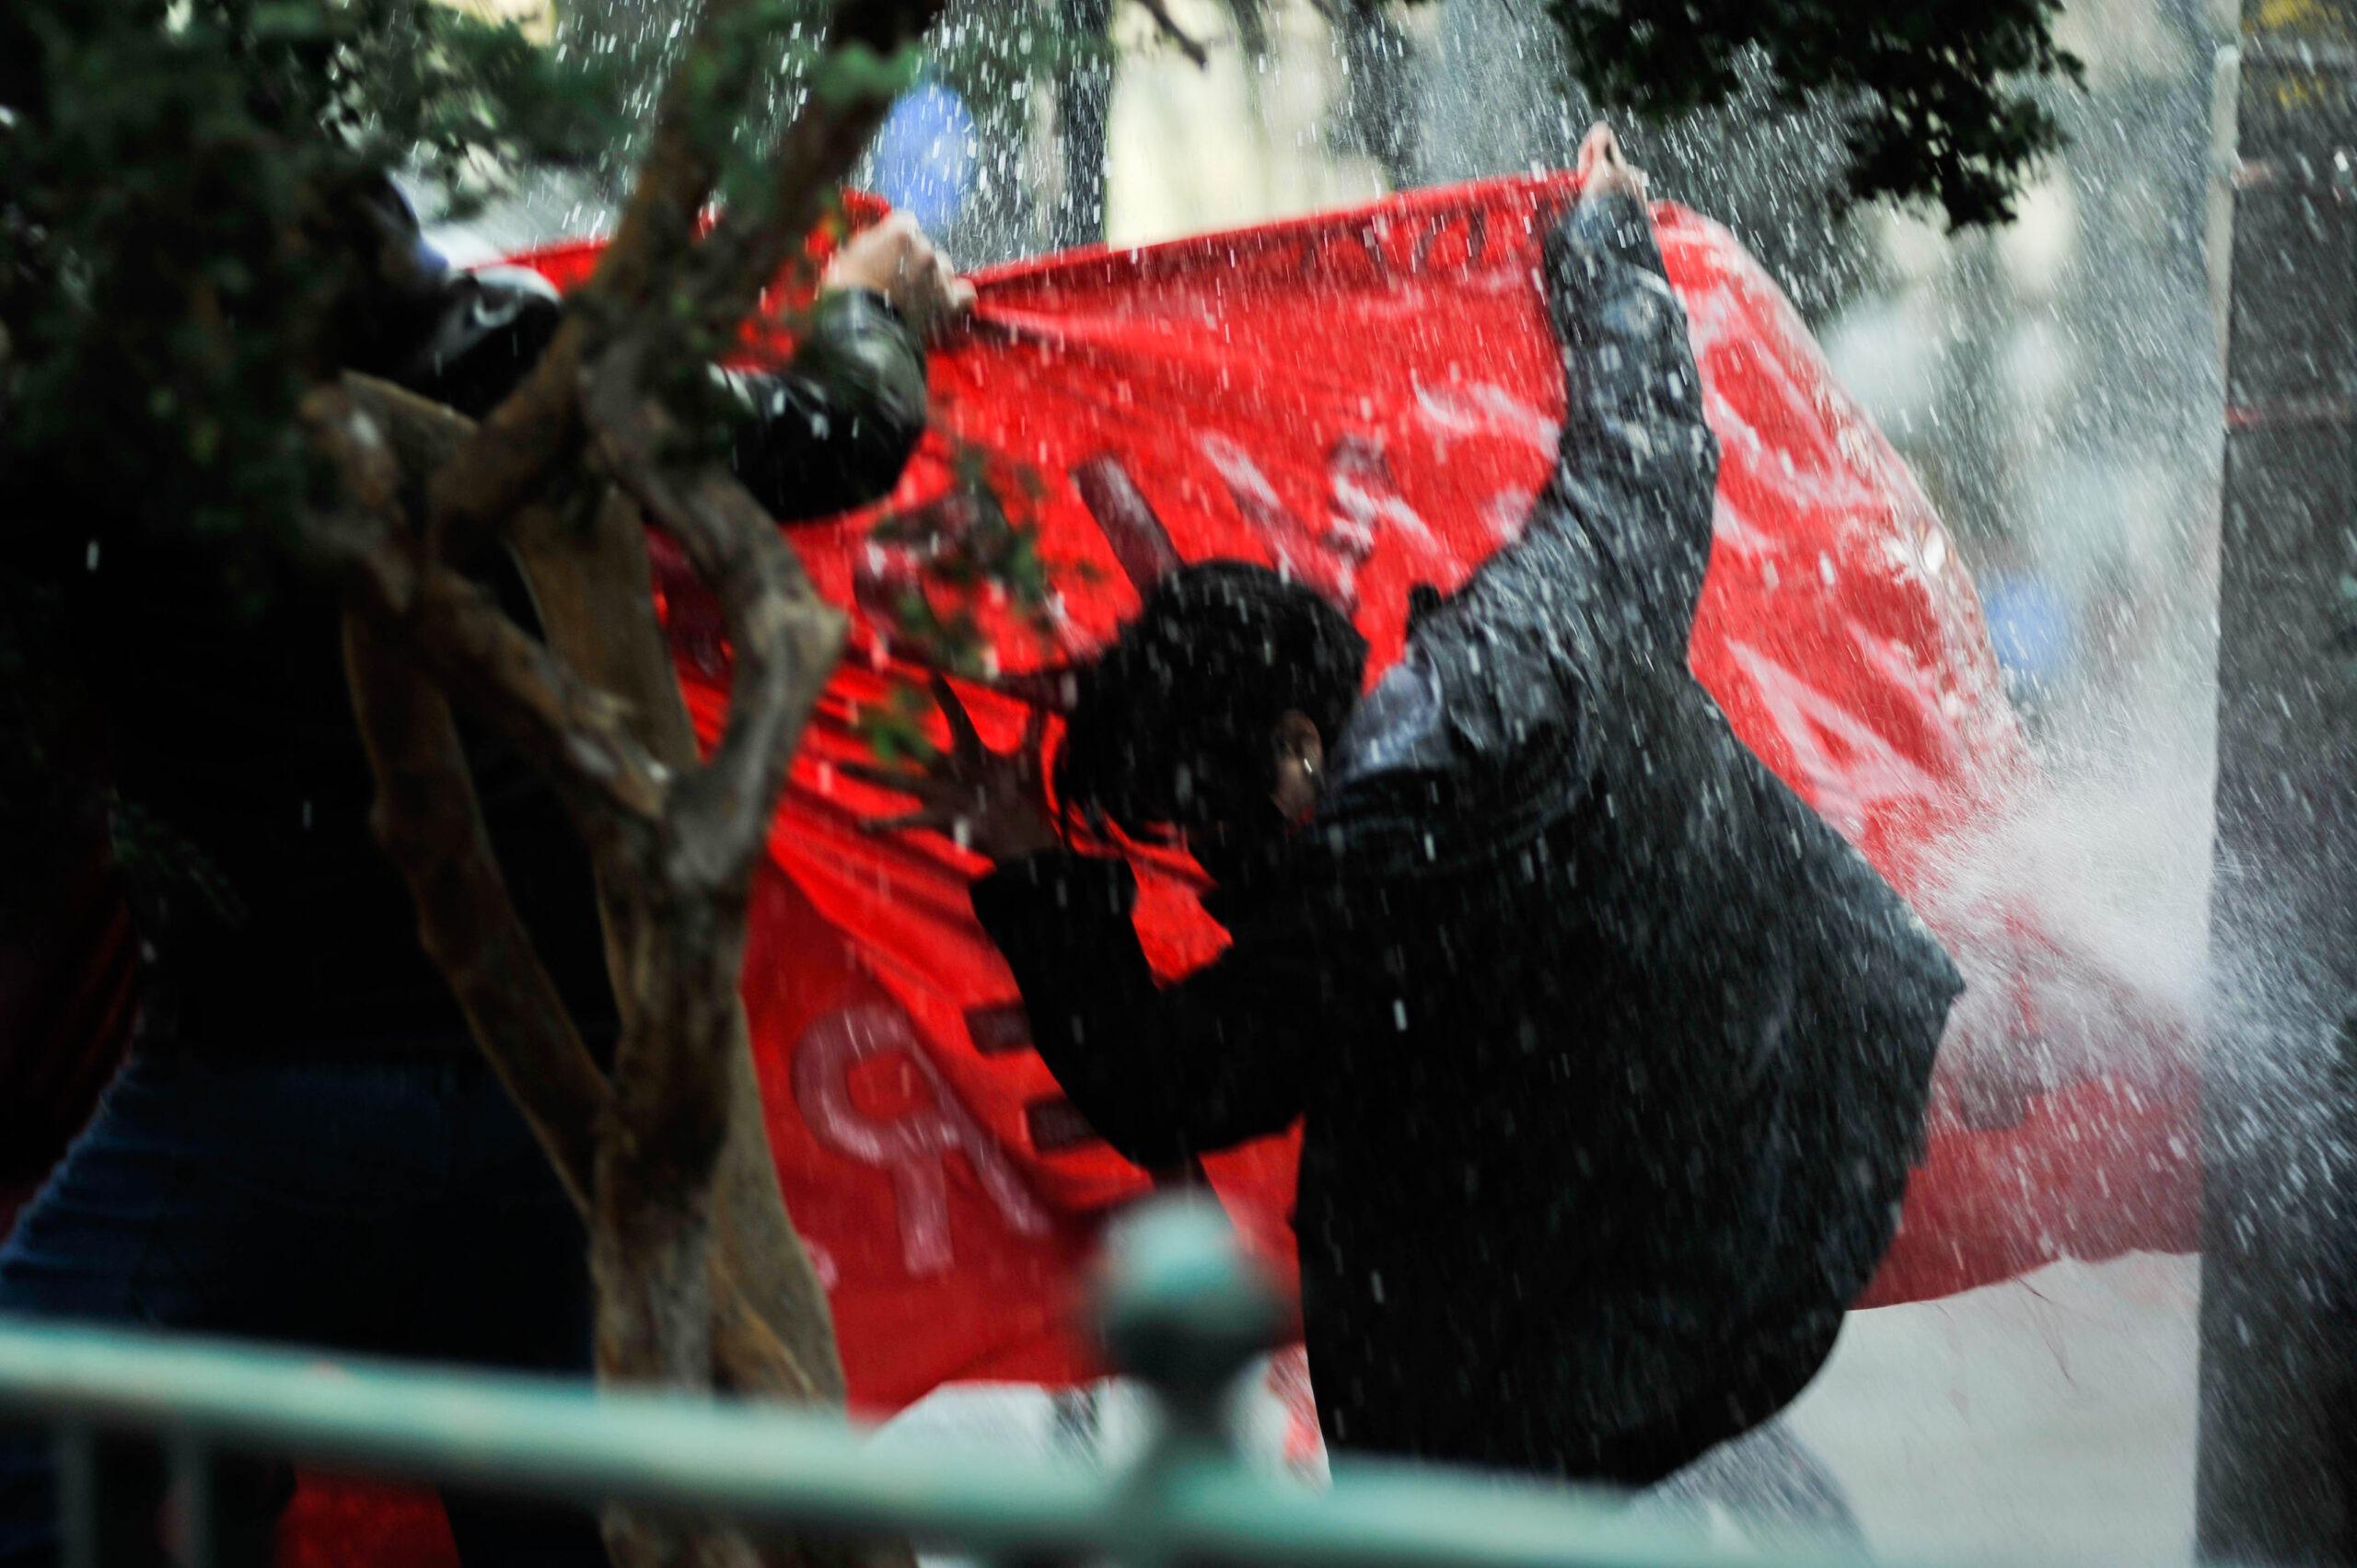 Estudiantes reprimidos por lanza agua de Carabineros (Foto: Claudia Monasterio)